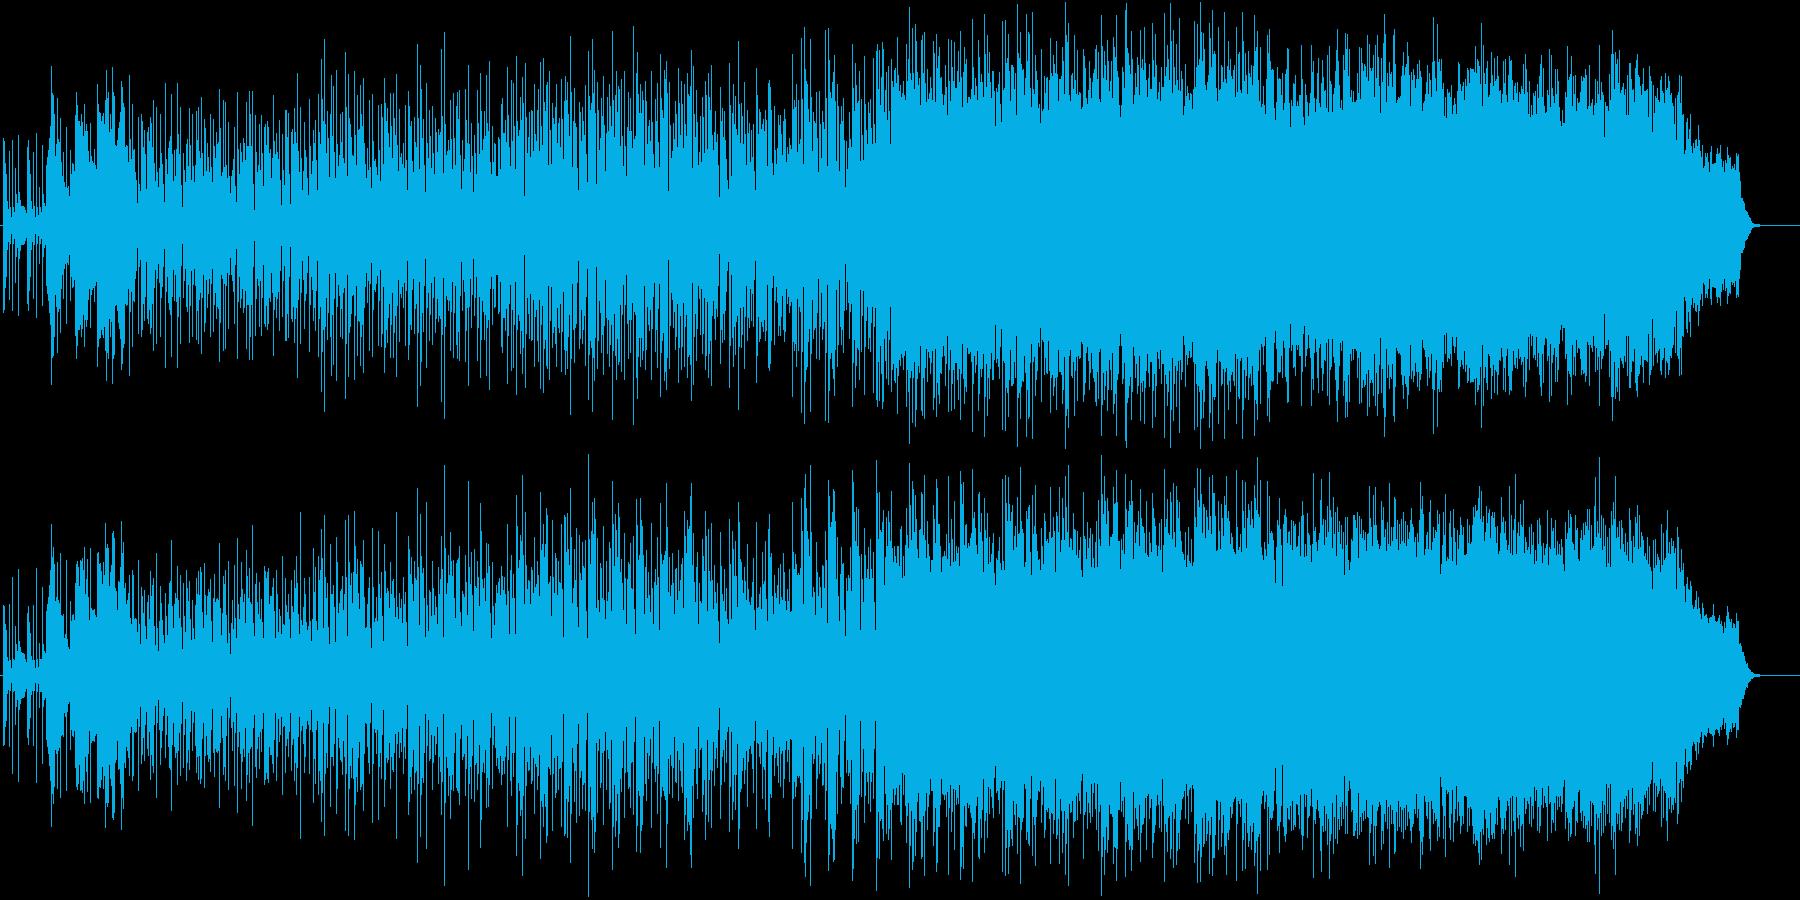 ノスタルジックで幻想的なゲーム音楽の再生済みの波形